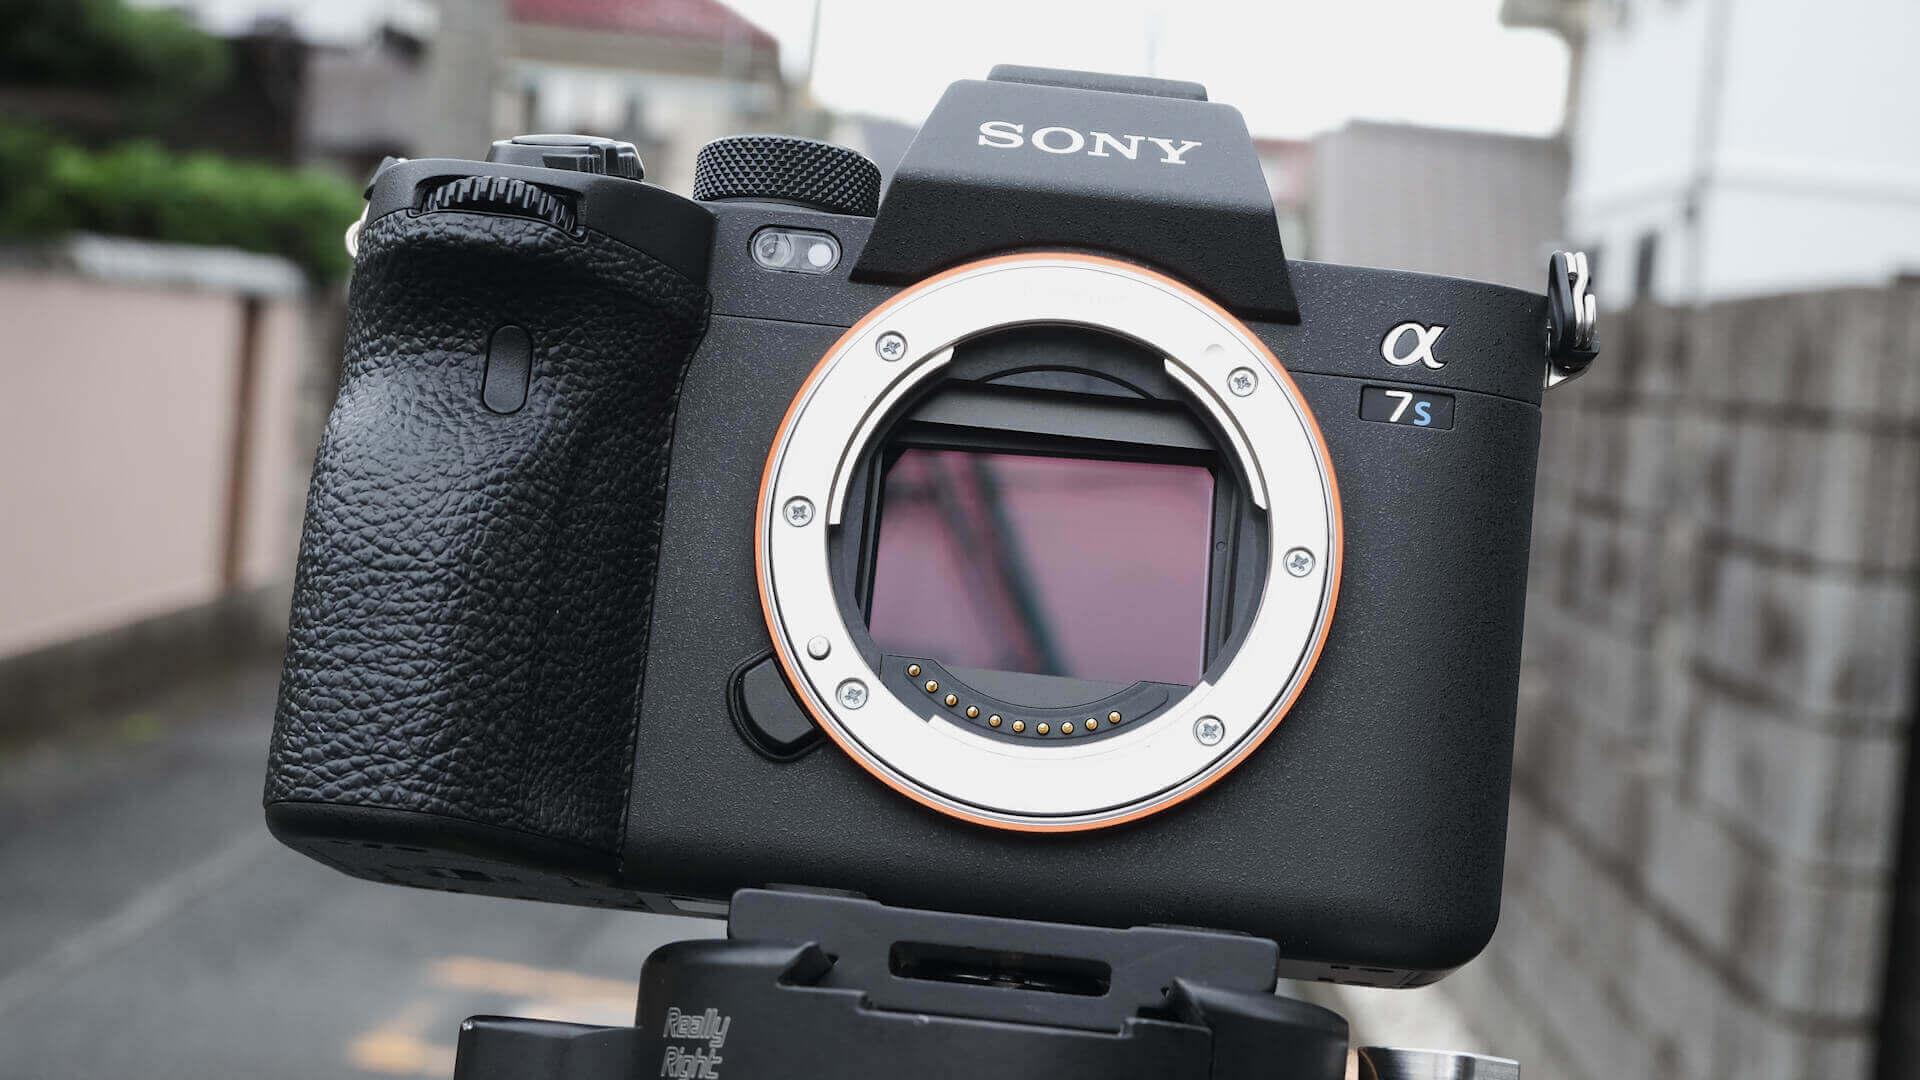 Sony A7S III Best Low Light Camera